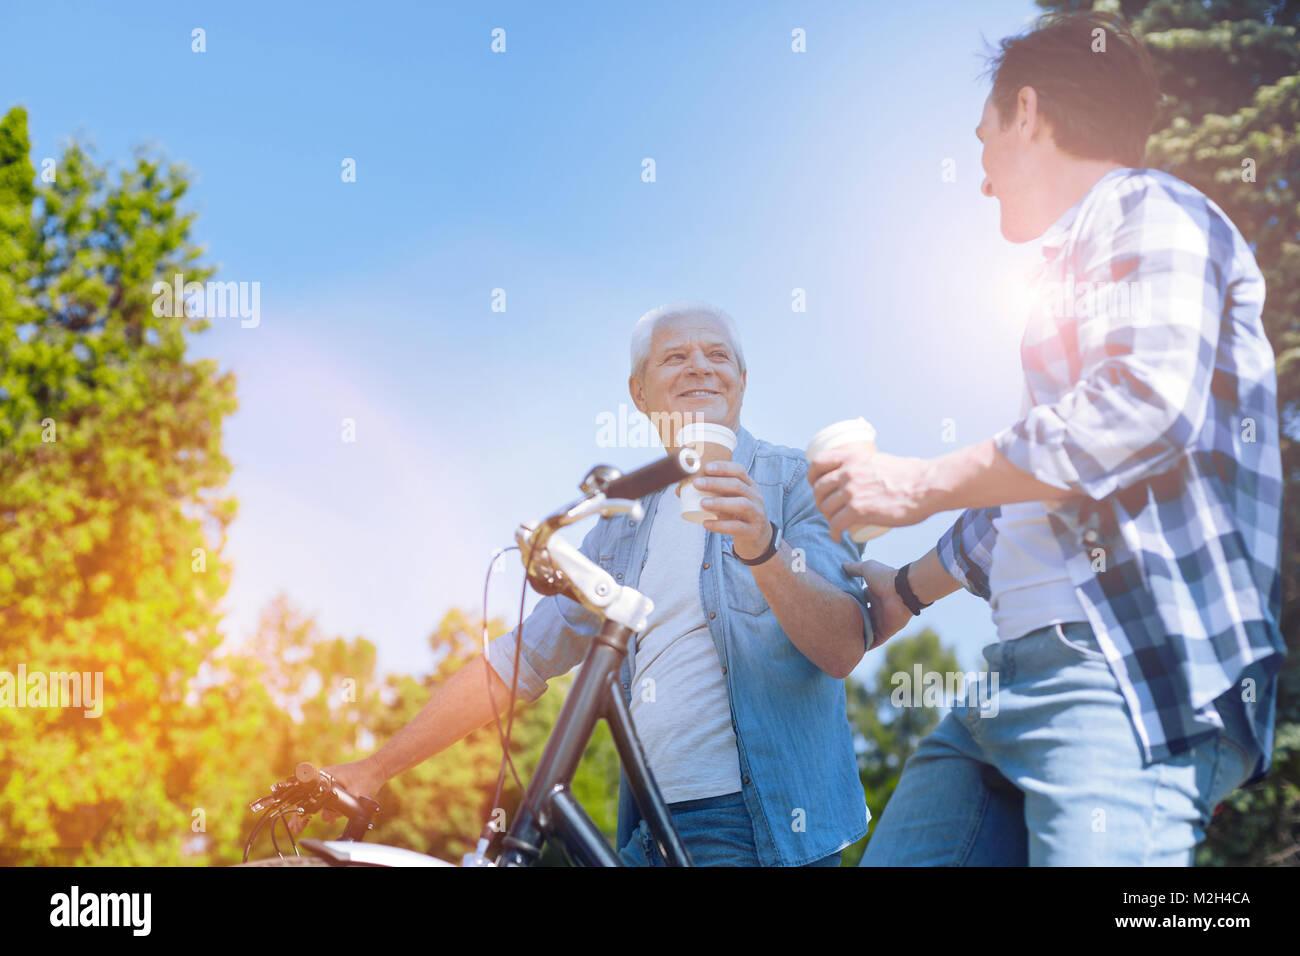 Famiglia armoniosa in chat durante il giro in bicicletta Immagini Stock